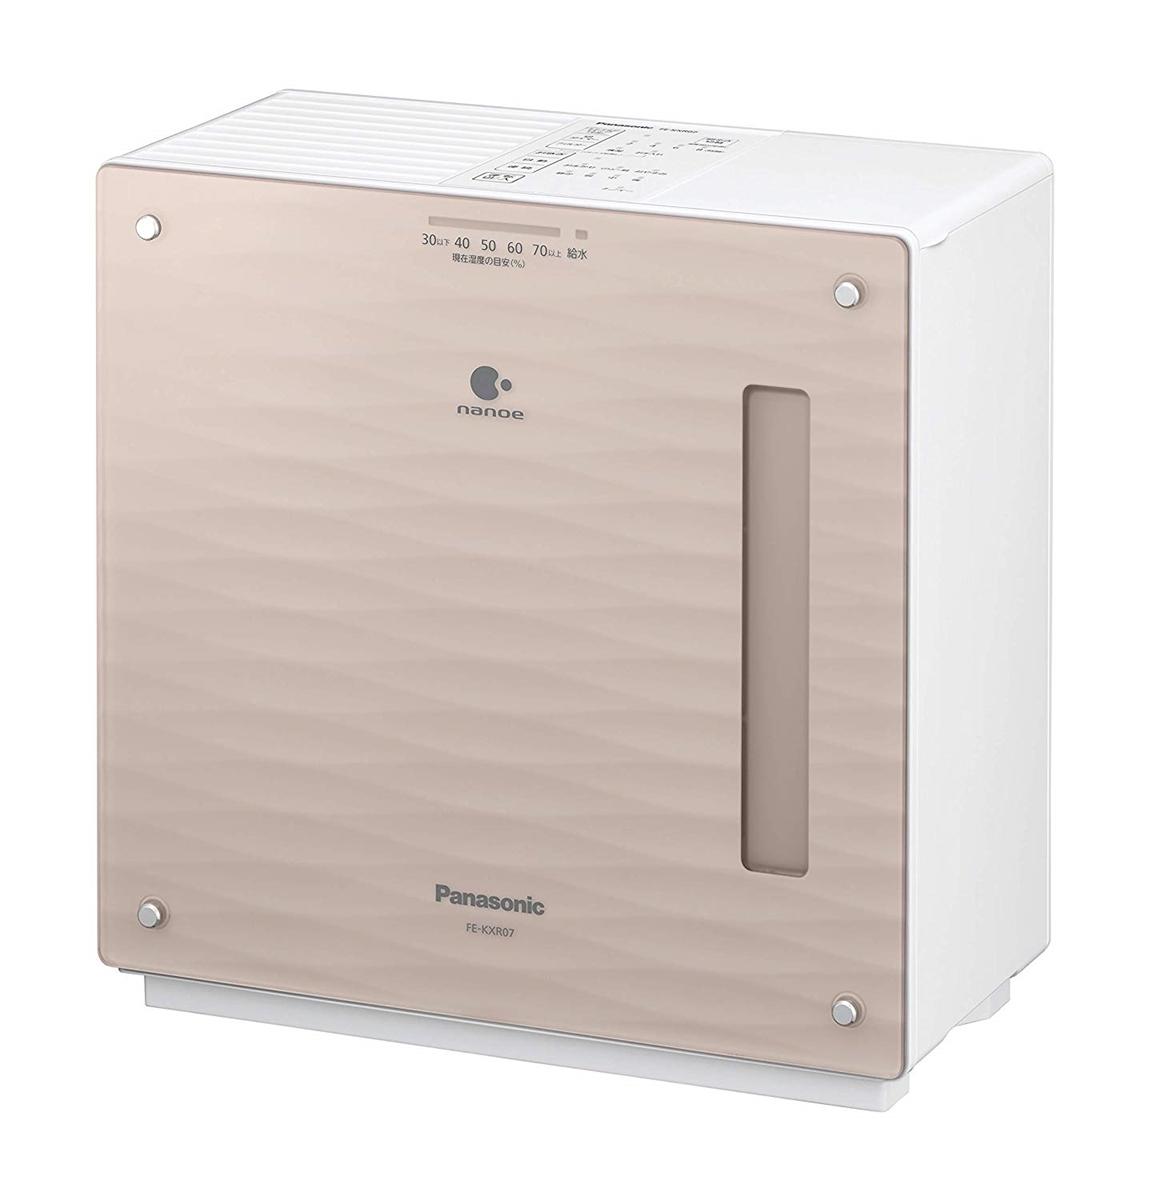 パナソニック Panasonic 加湿機 気化式 ~19畳 クリスタルブラウン FE-KXR07-T